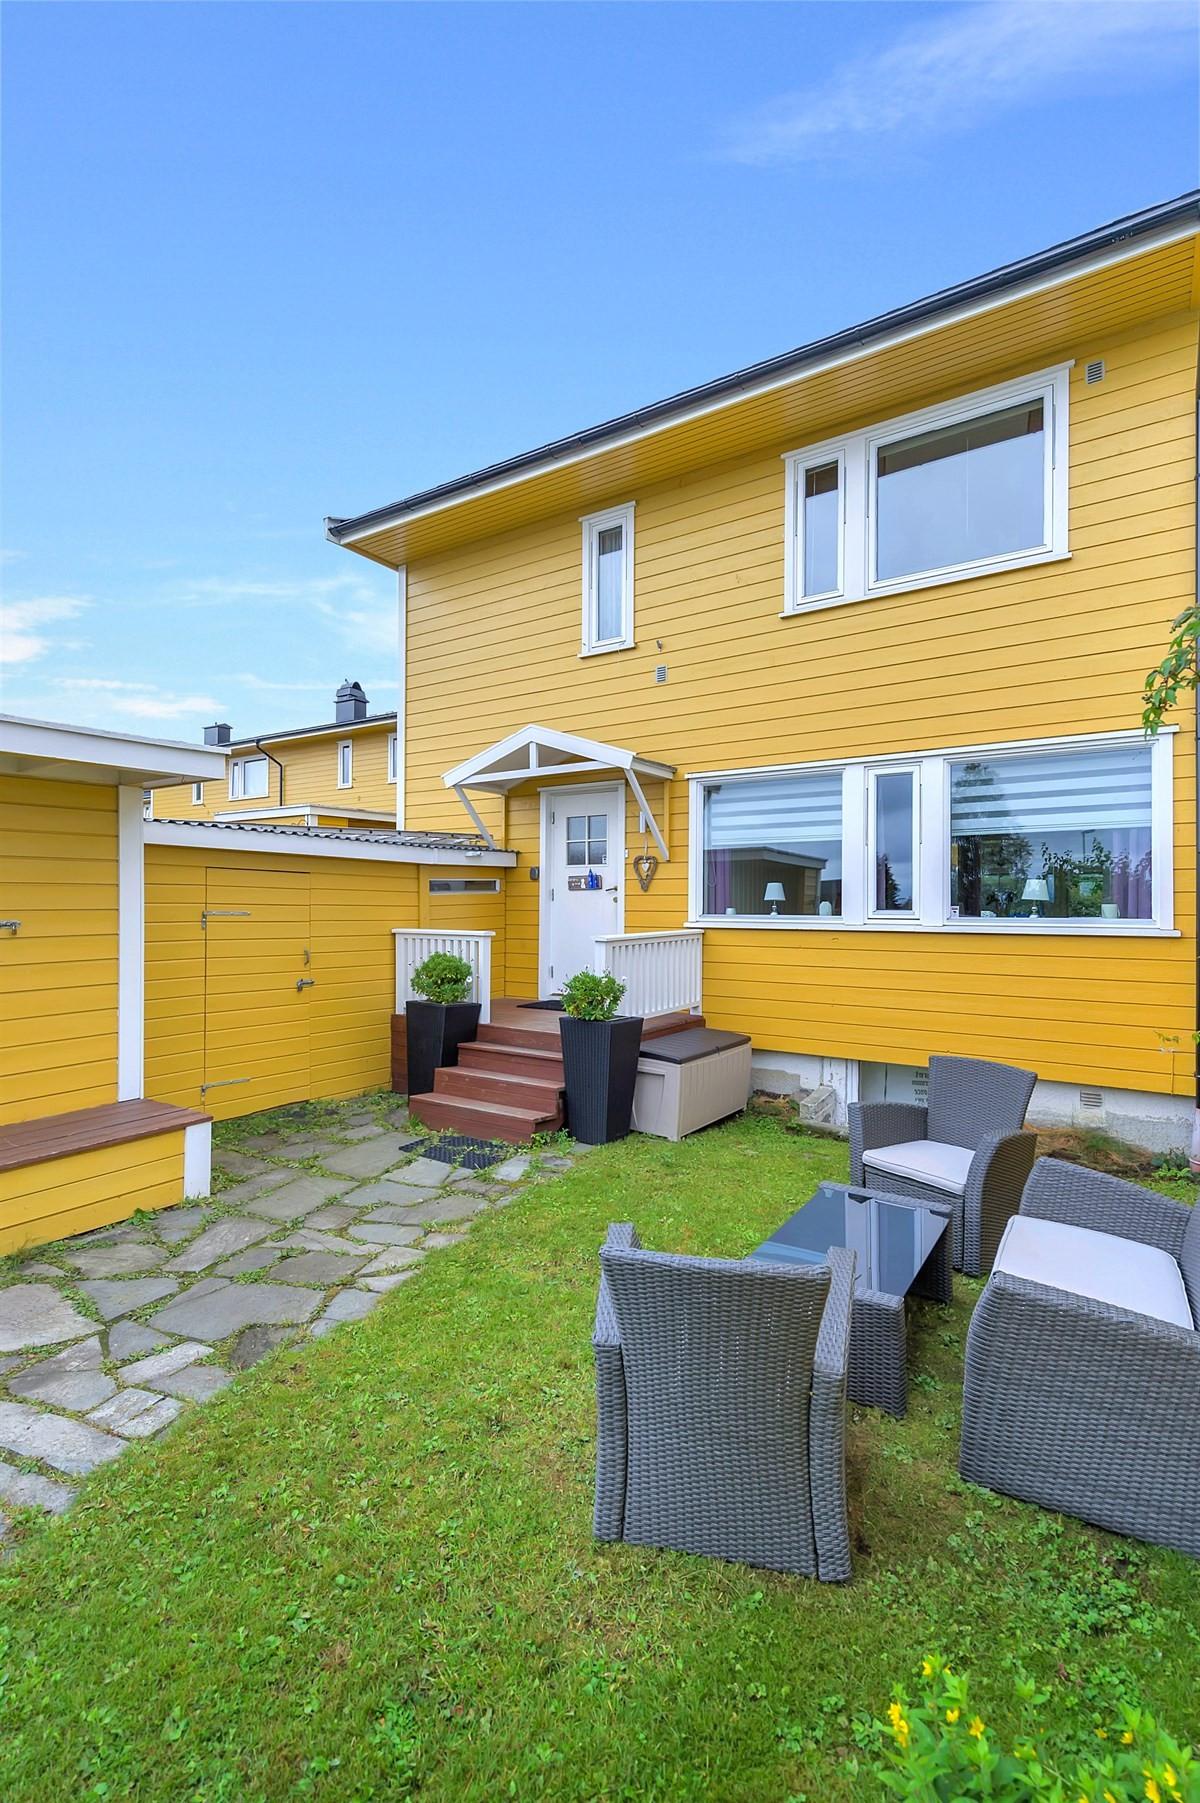 Rekkehus - gjøvik - 2 850 000,- - Gjestvang & Partners